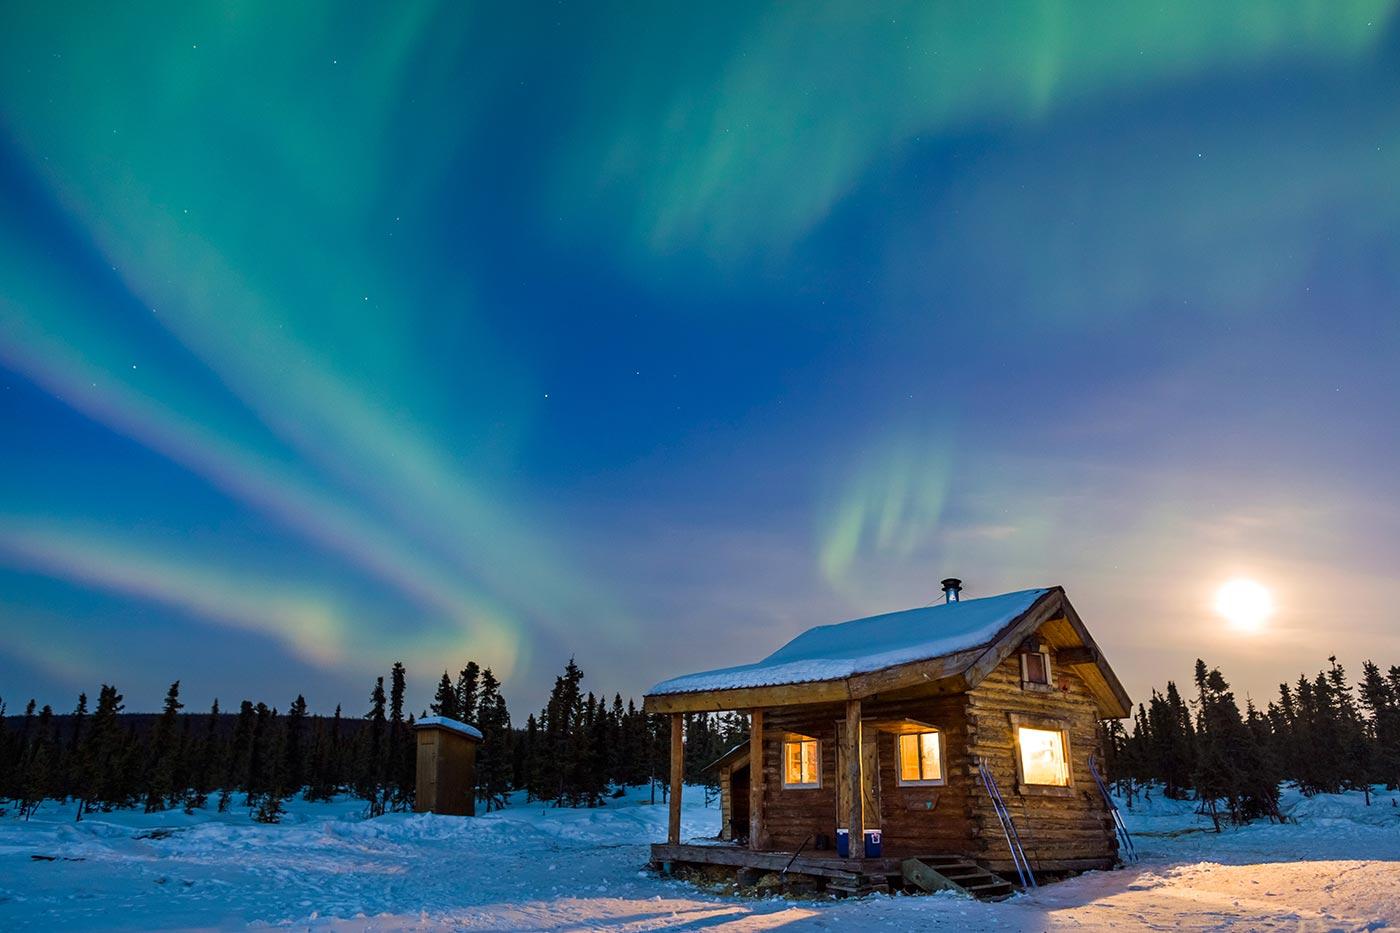 Alaska arts et voyages for Alaska cottage